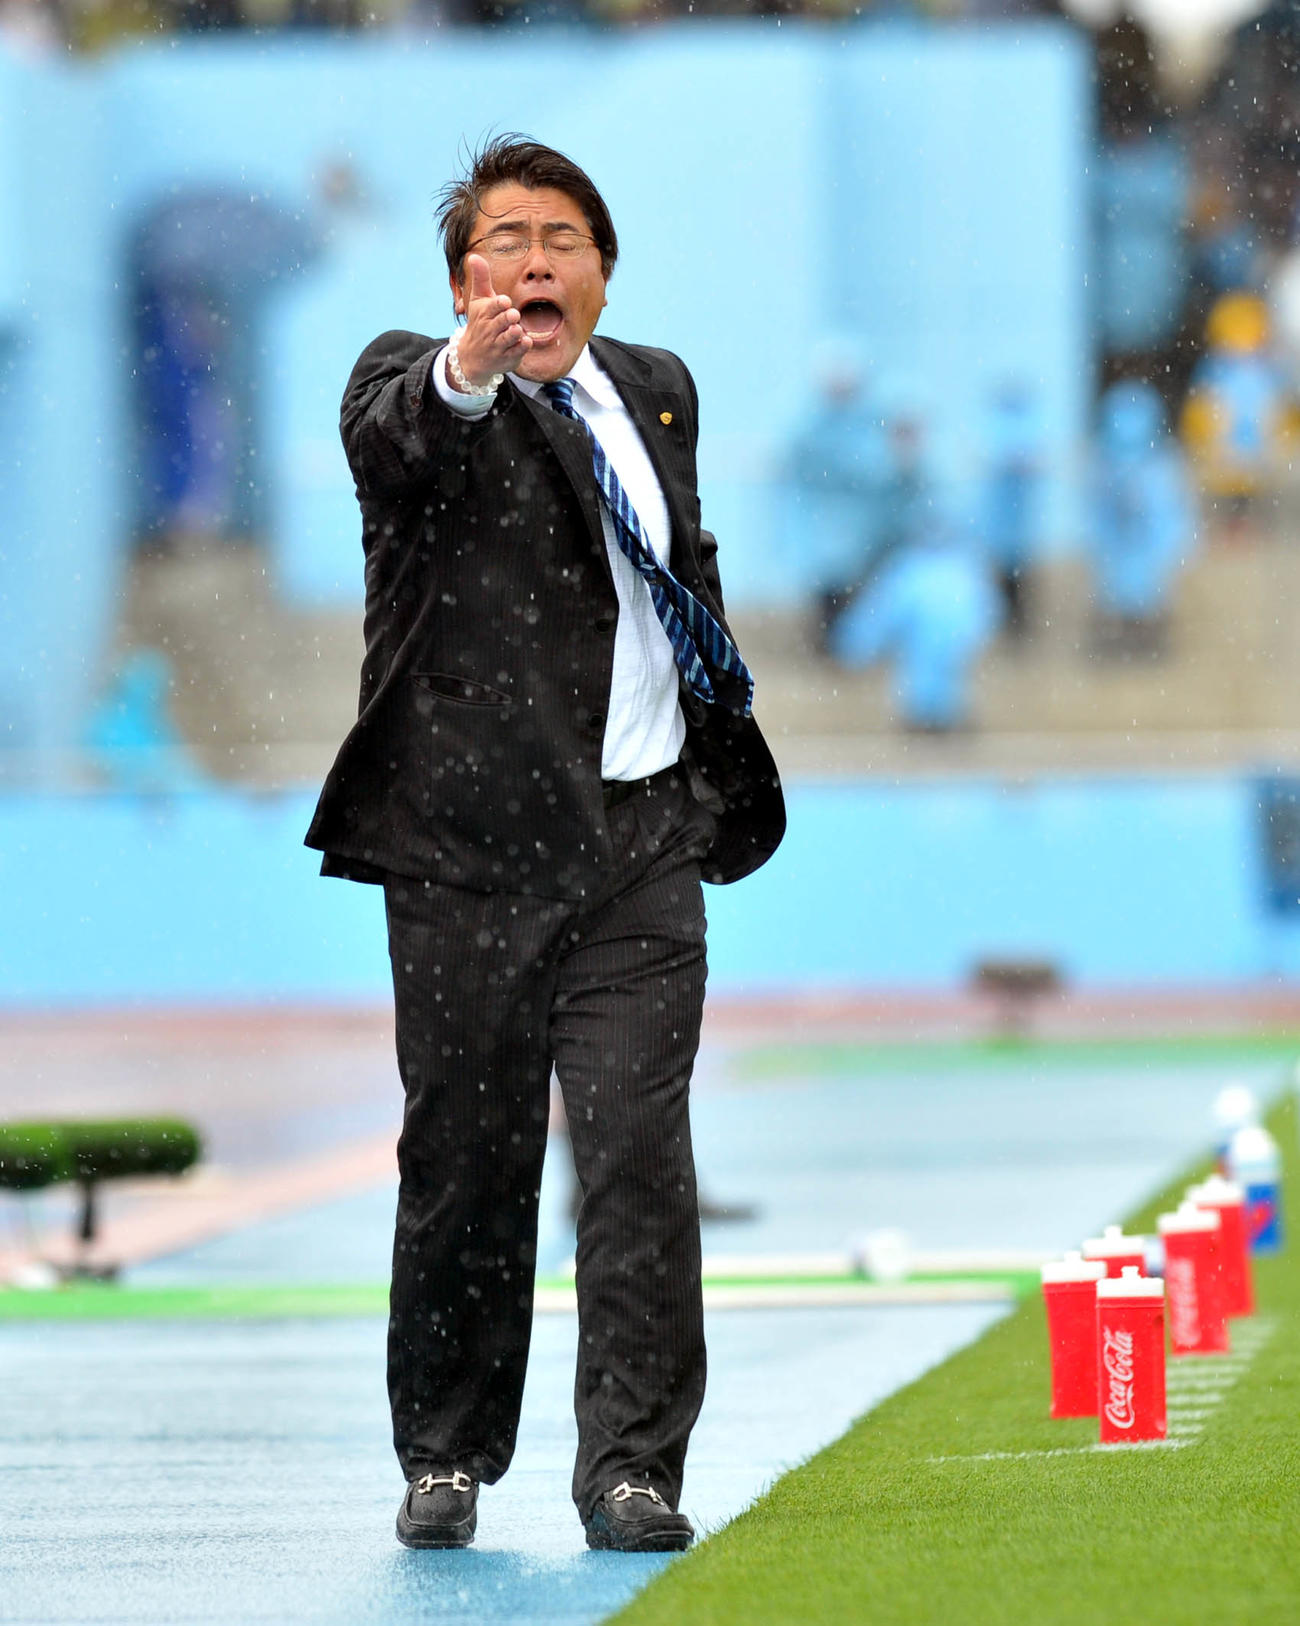 11年4月23日、川崎F対仙台 ずぶぬれになりながら指示を出す仙台手倉森監督